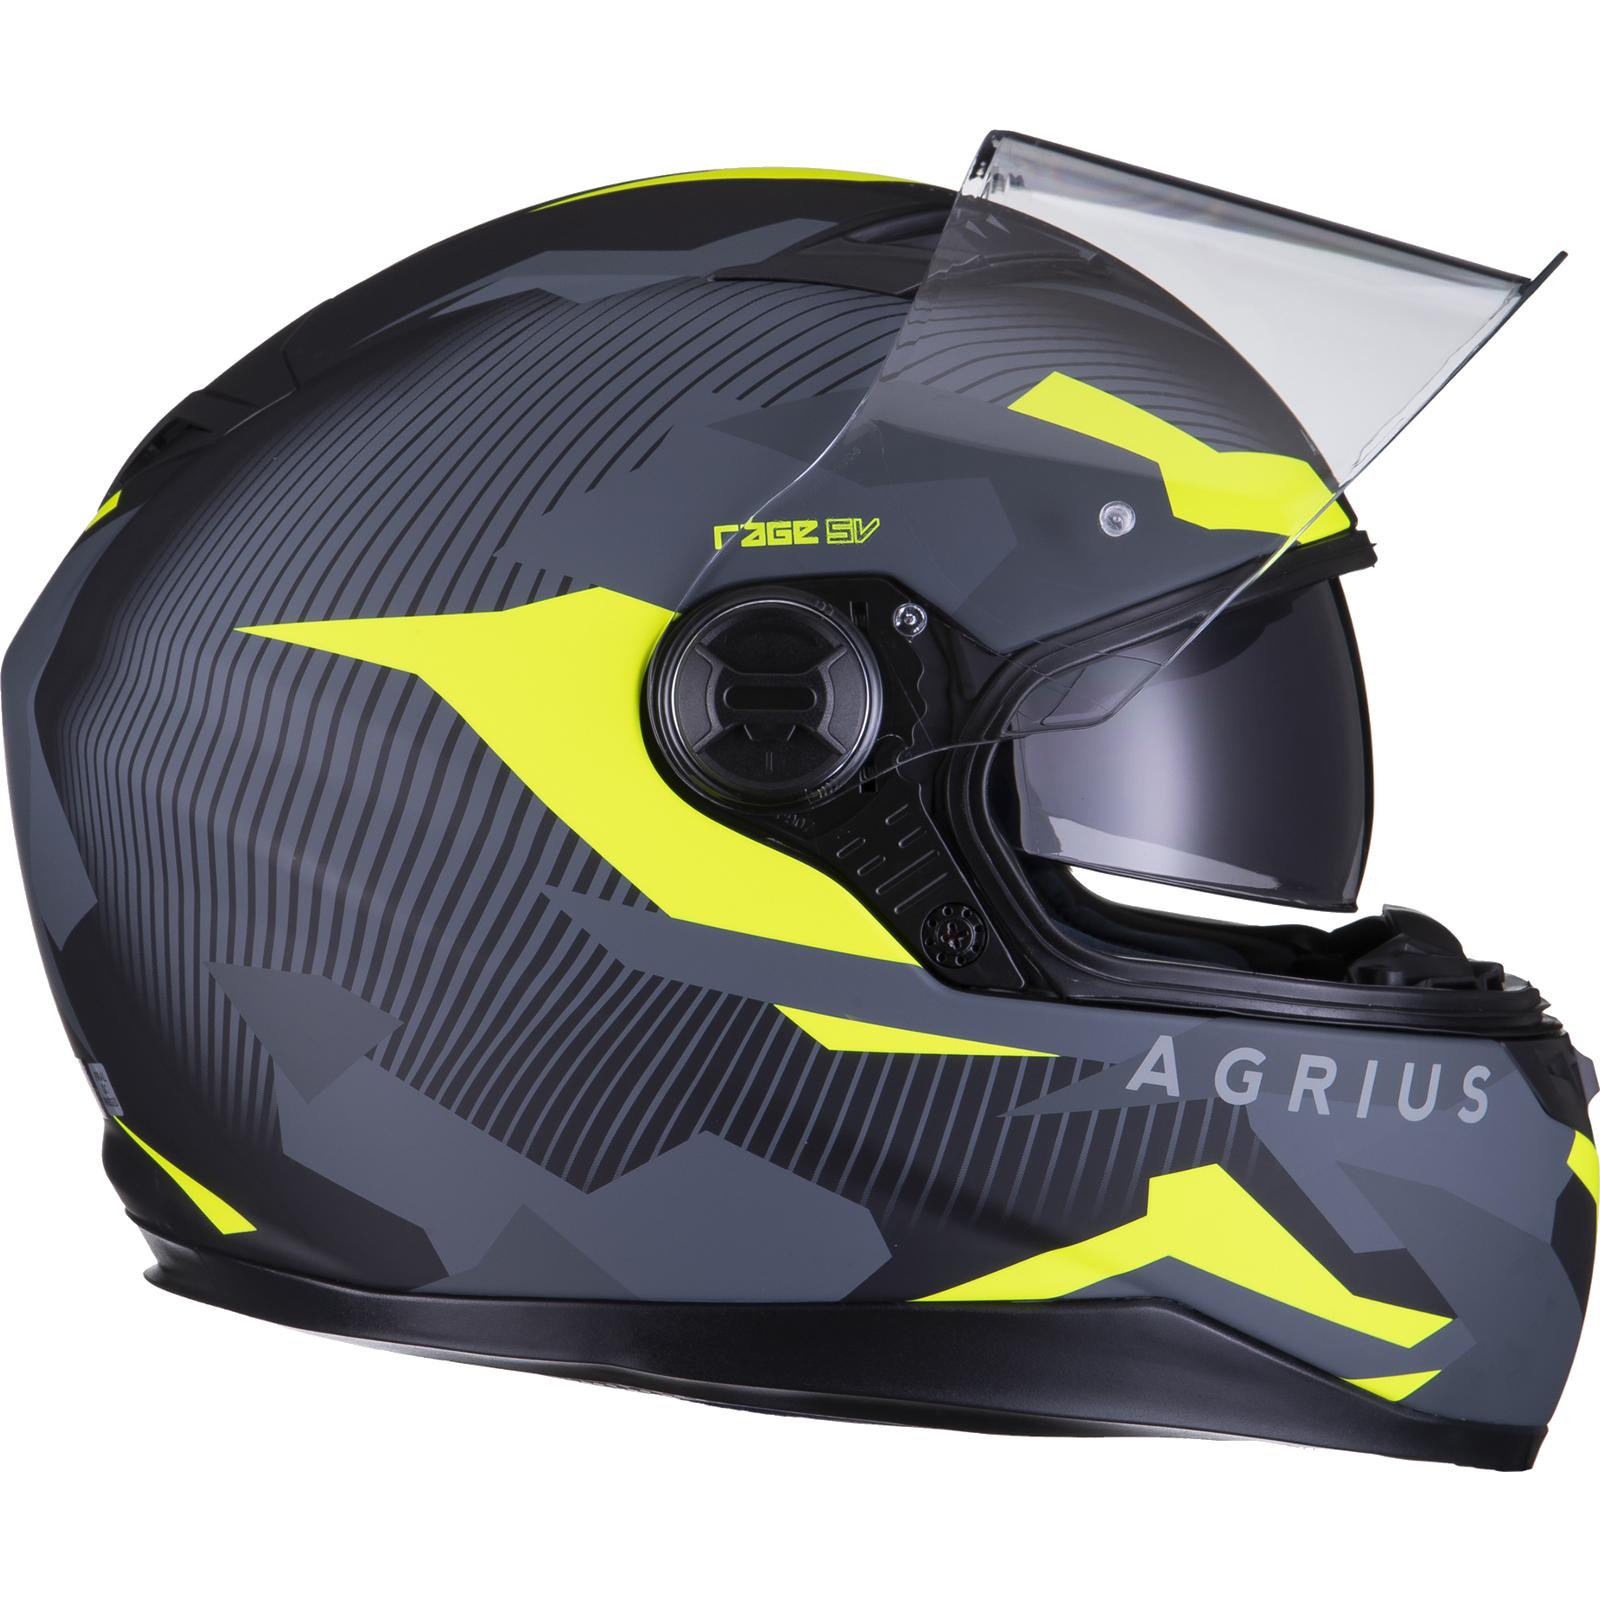 Agrius-Rage-SV-Tracker-Full-Face-Motorcycle-Matt-Helmet-bike-Road-Bike-Scooter thumbnail 45